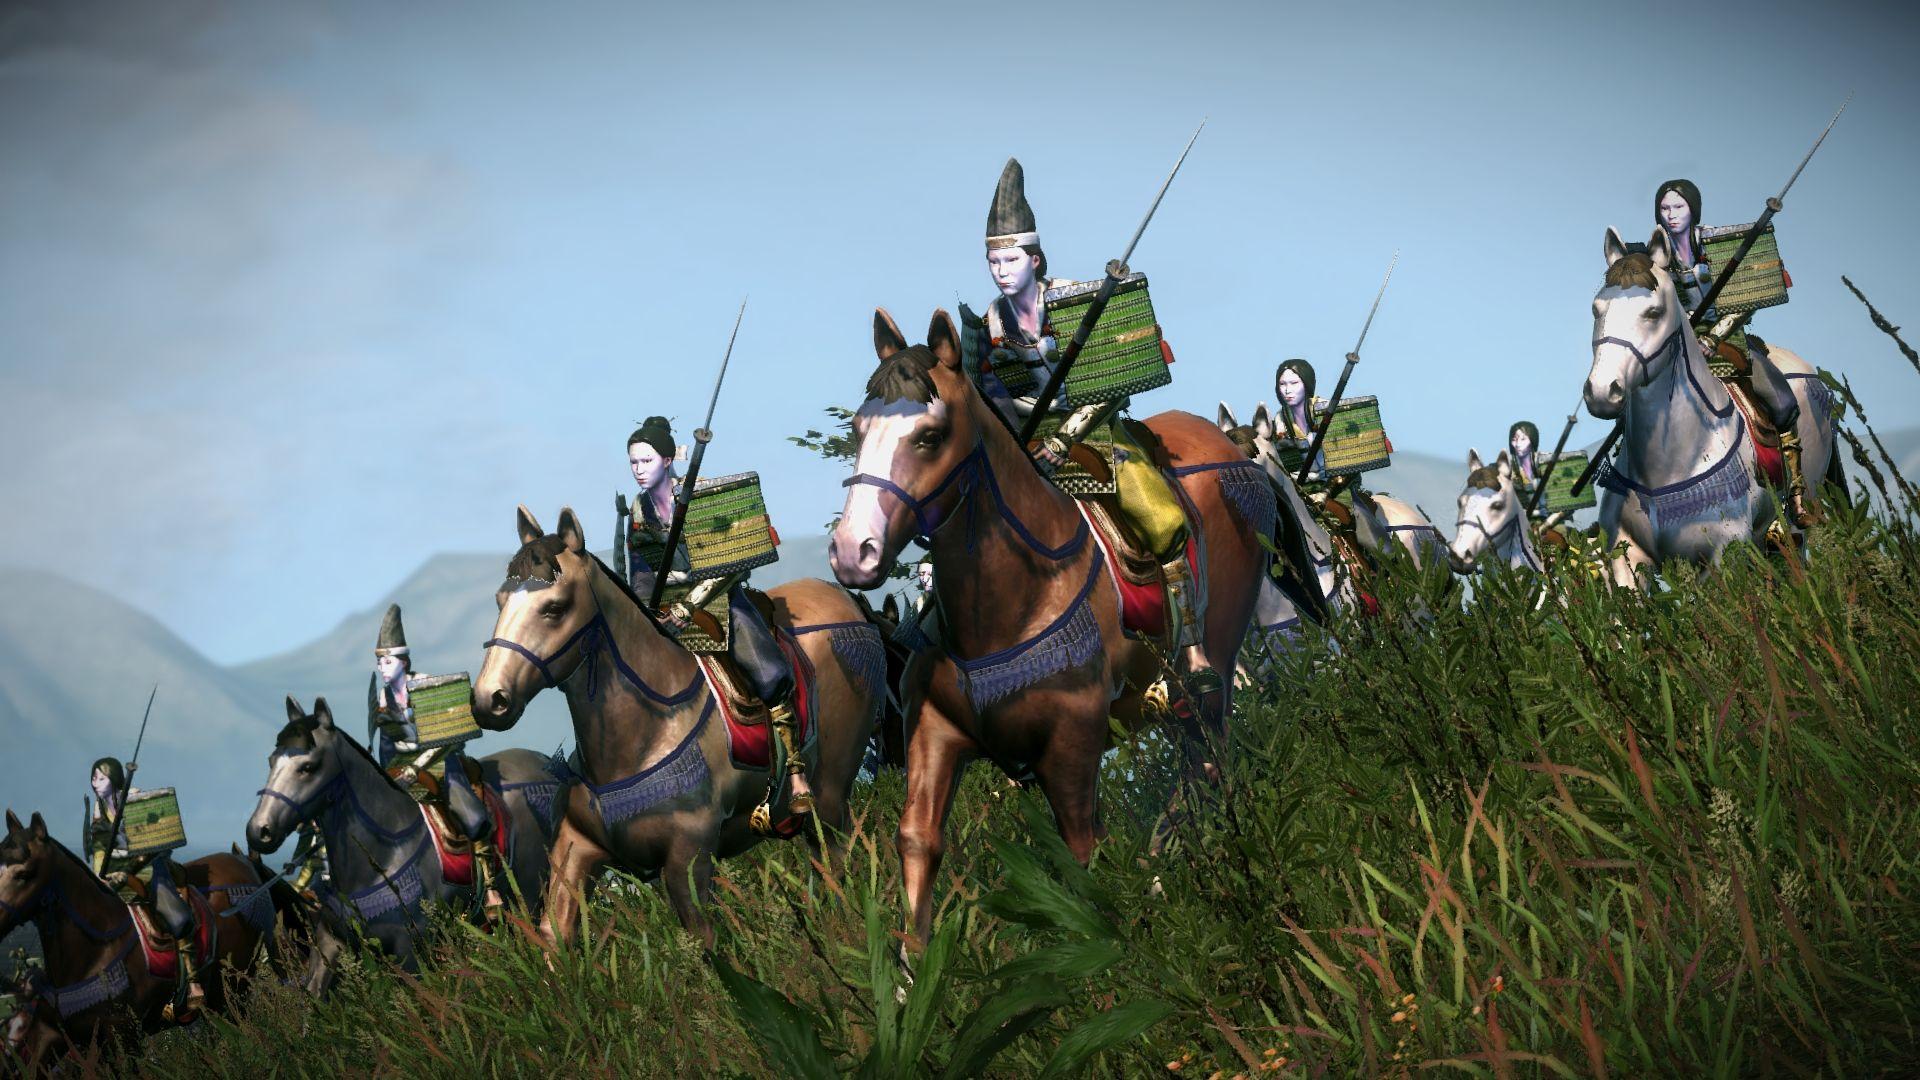 Total War: SHOGUN 2 - Rise of the Samurai Campaign on Steam